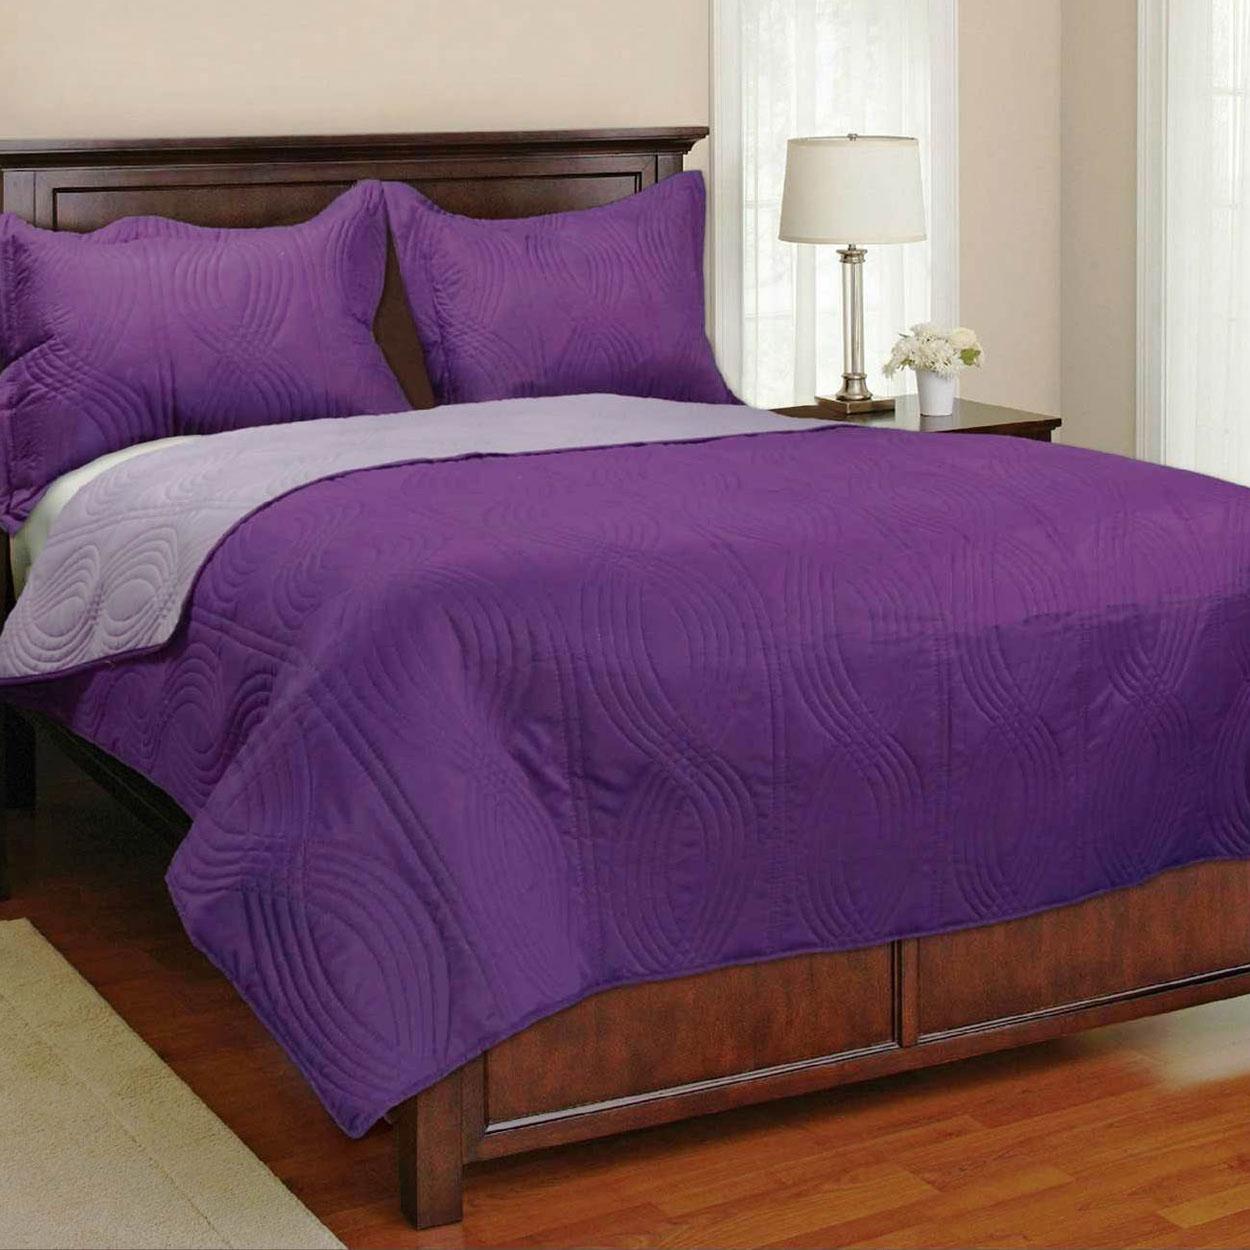 כיסוי מיטה גדול דו צדדי ב-4 גוונים לבחירה